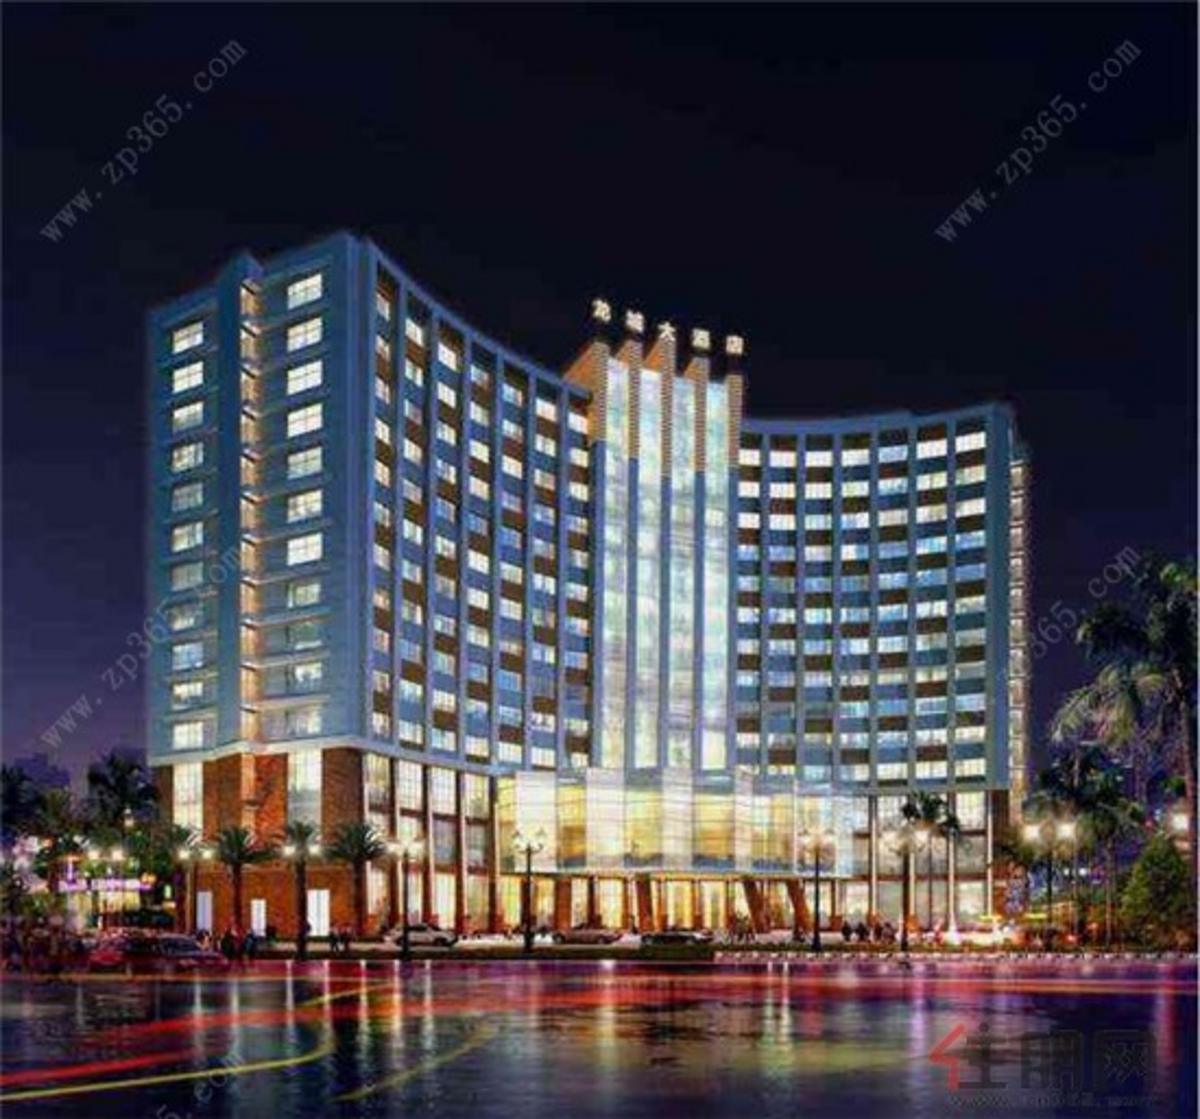 龙城国际酒店·公寓效果图